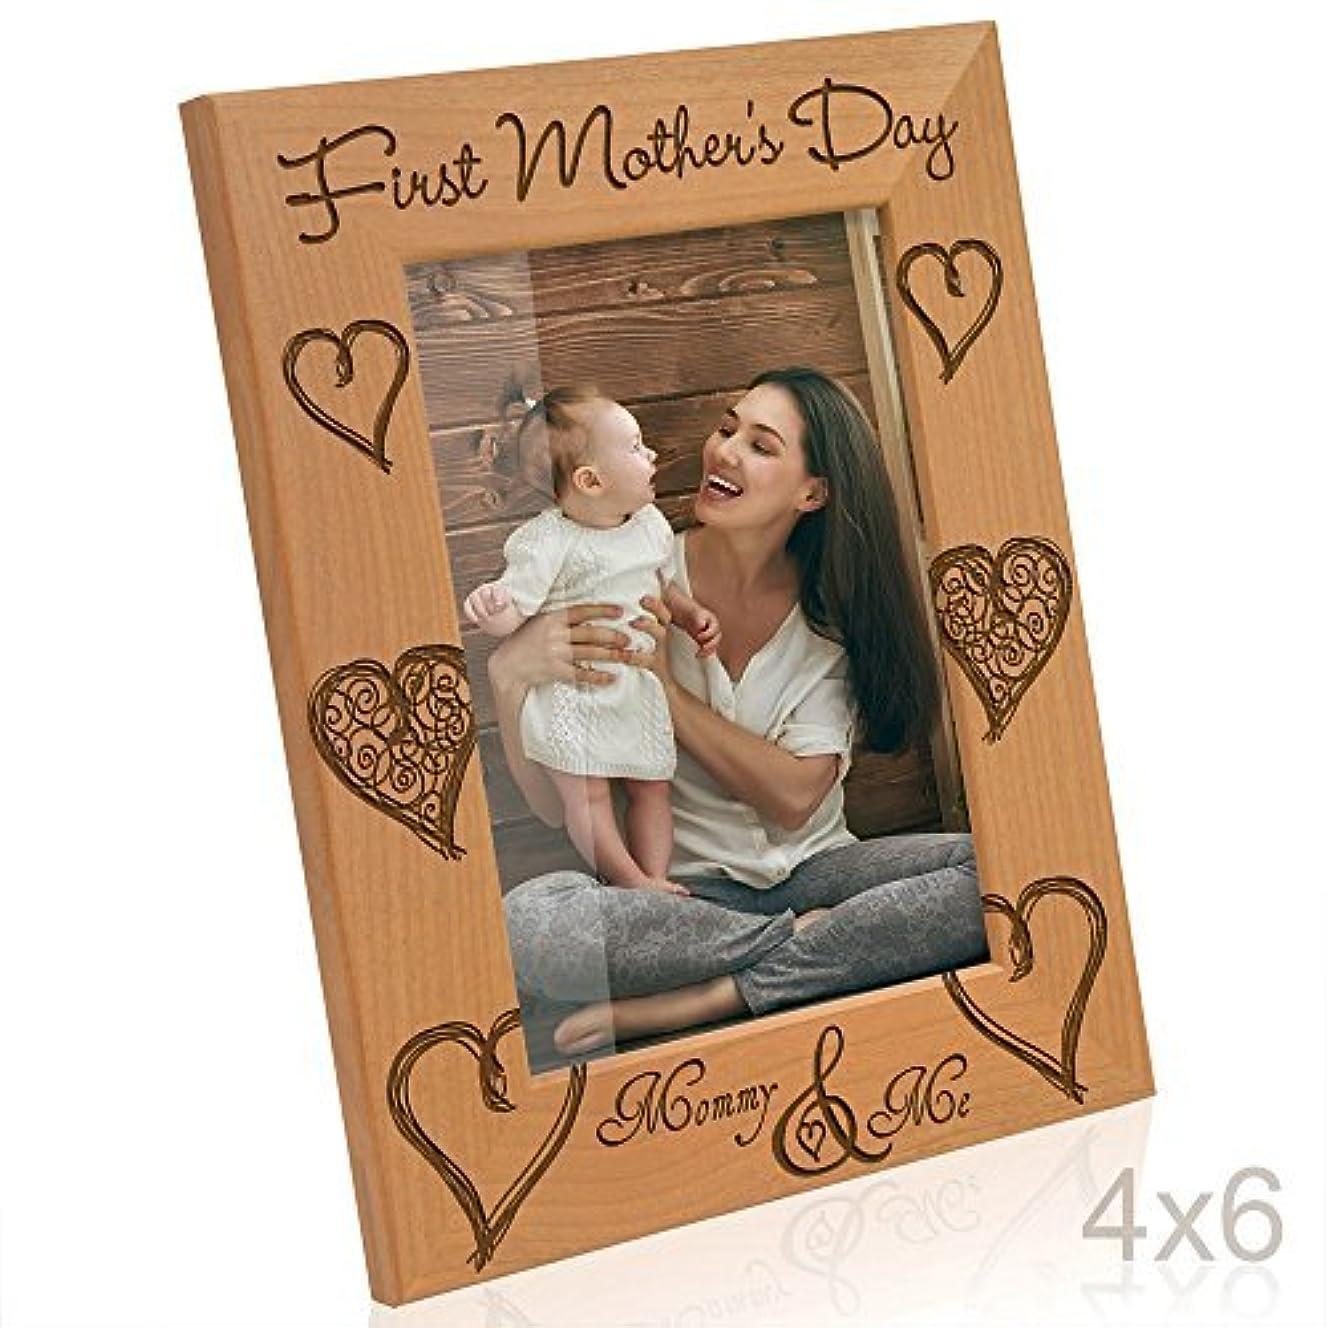 幾分最大のセッティングKate Posh - First Mother's Day with Mommy & Me Picture Frame (4x6 - Vertical) [並行輸入品]